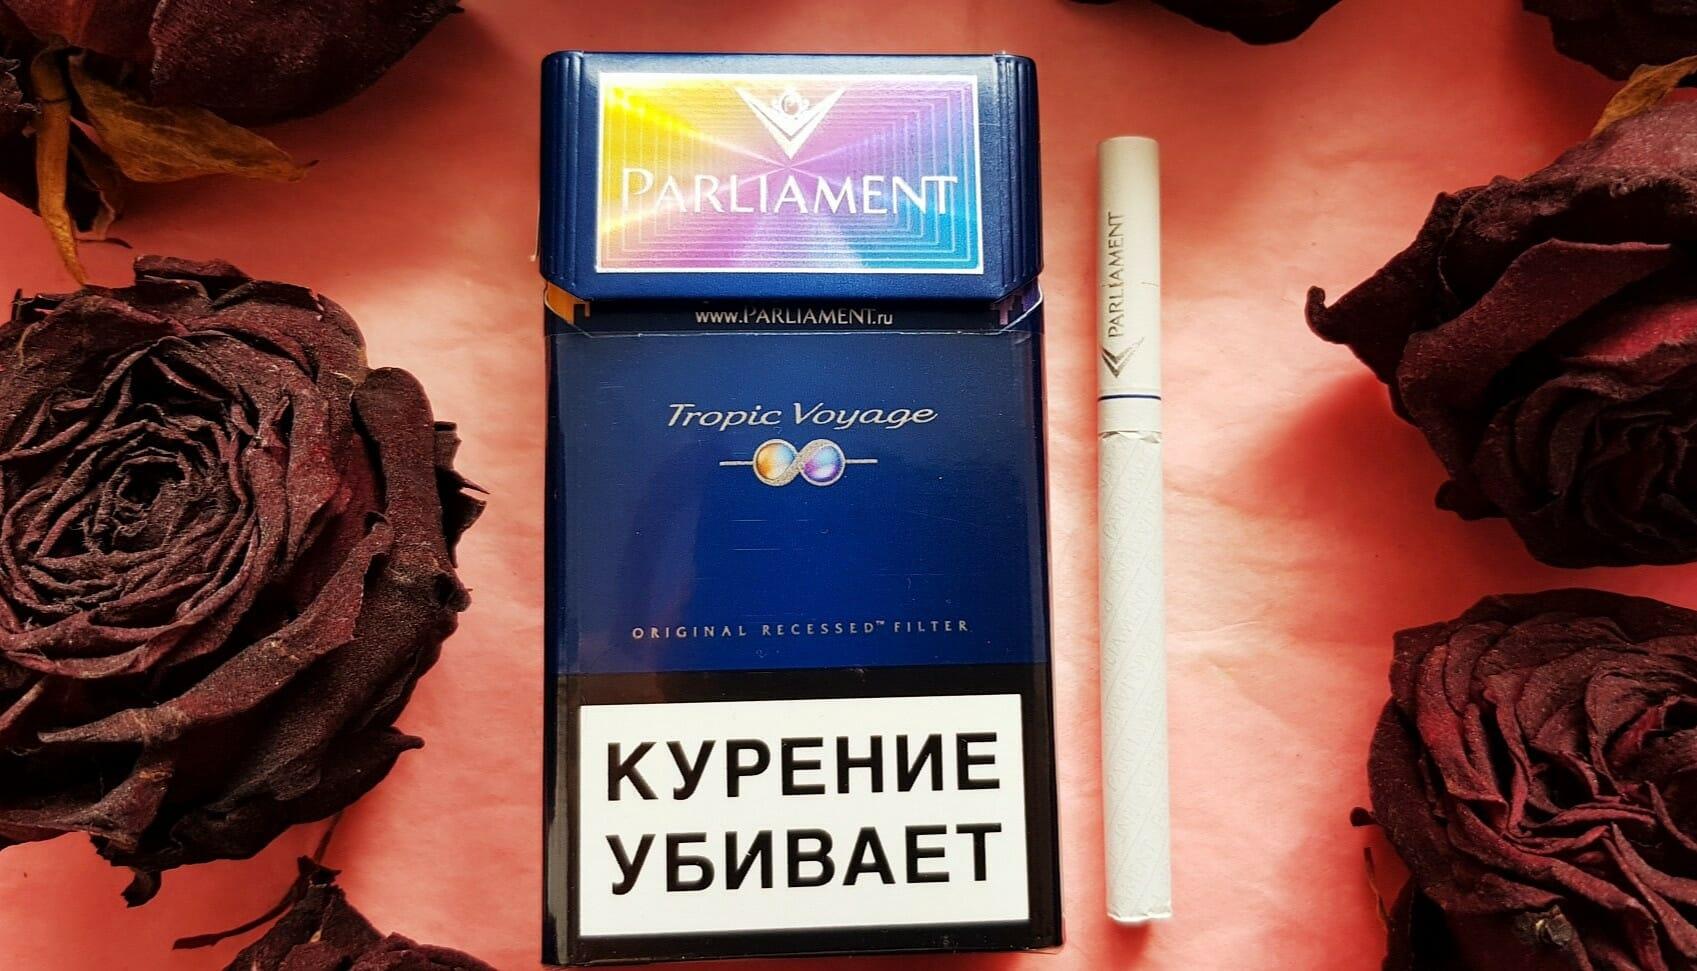 Сигареты оптом с ценой парламент купить электронная сигарета kanger